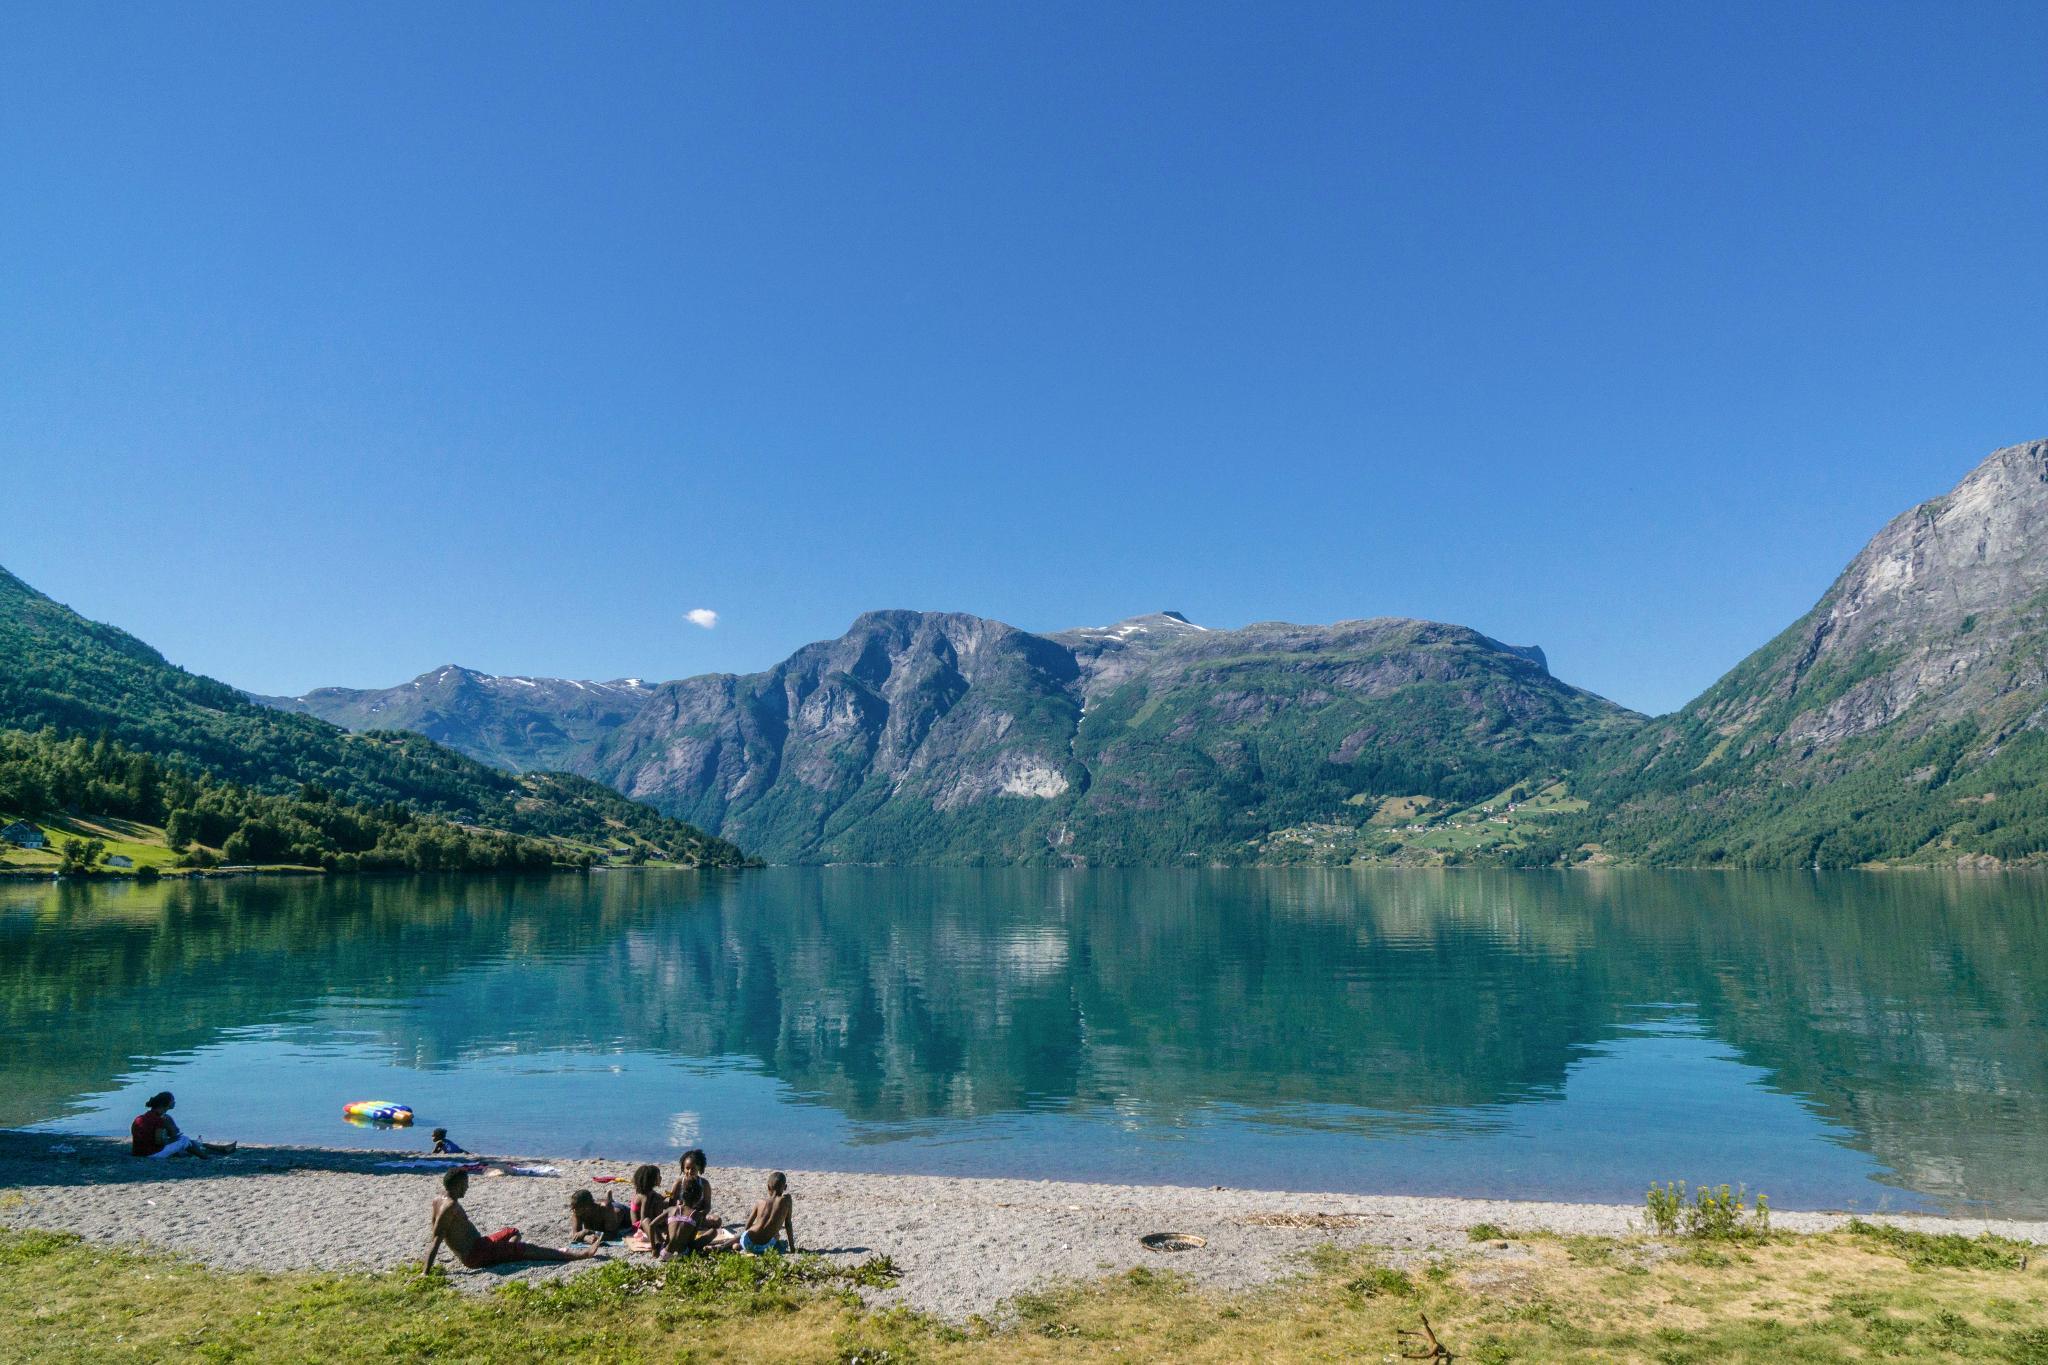 【北歐景點】朝聖歐洲大陸最大的冰河 - 挪威約詩達特冰河國家公園 (Jostedalsbreen National Park) 9